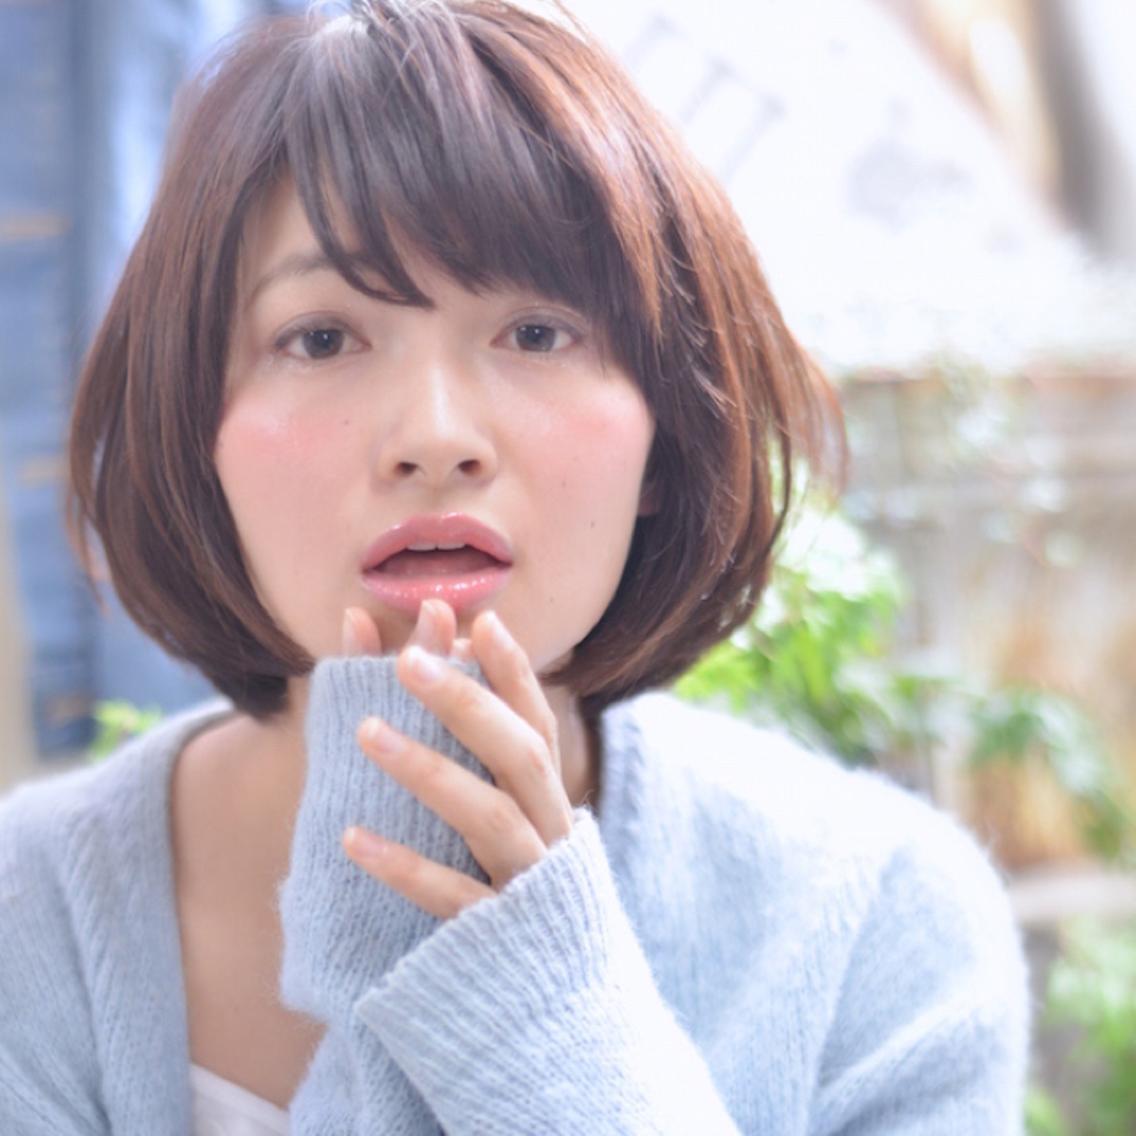 当日予約大歓迎南堀江人気店から遂にminimoに登場《最大80%オフ》表参道から大阪に移動期間のみの限定クーポンになります